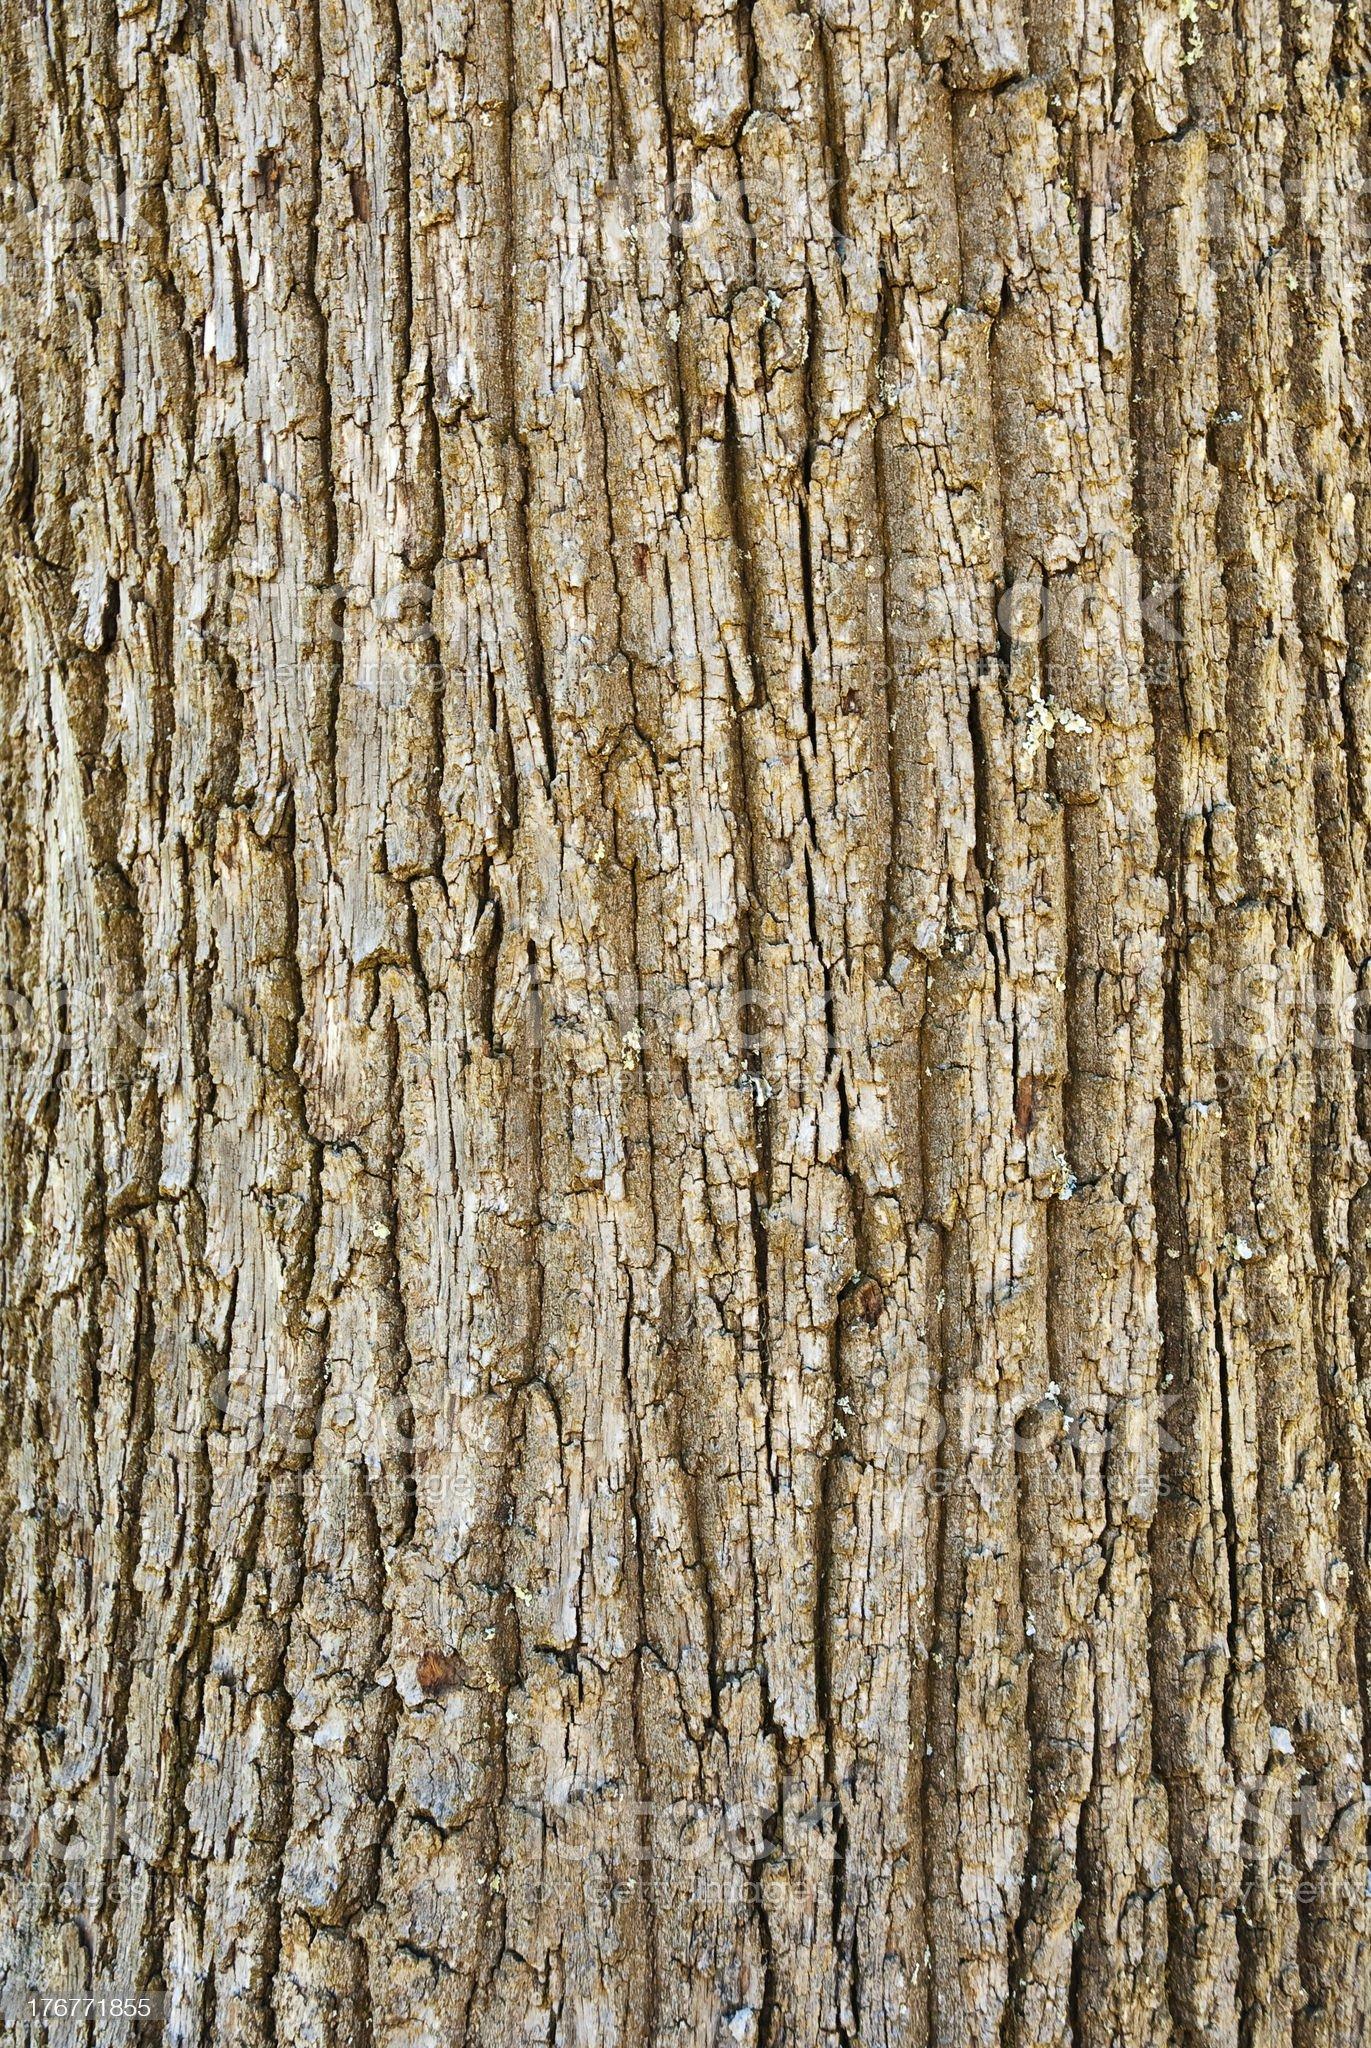 Texture of tree bark royalty-free stock photo